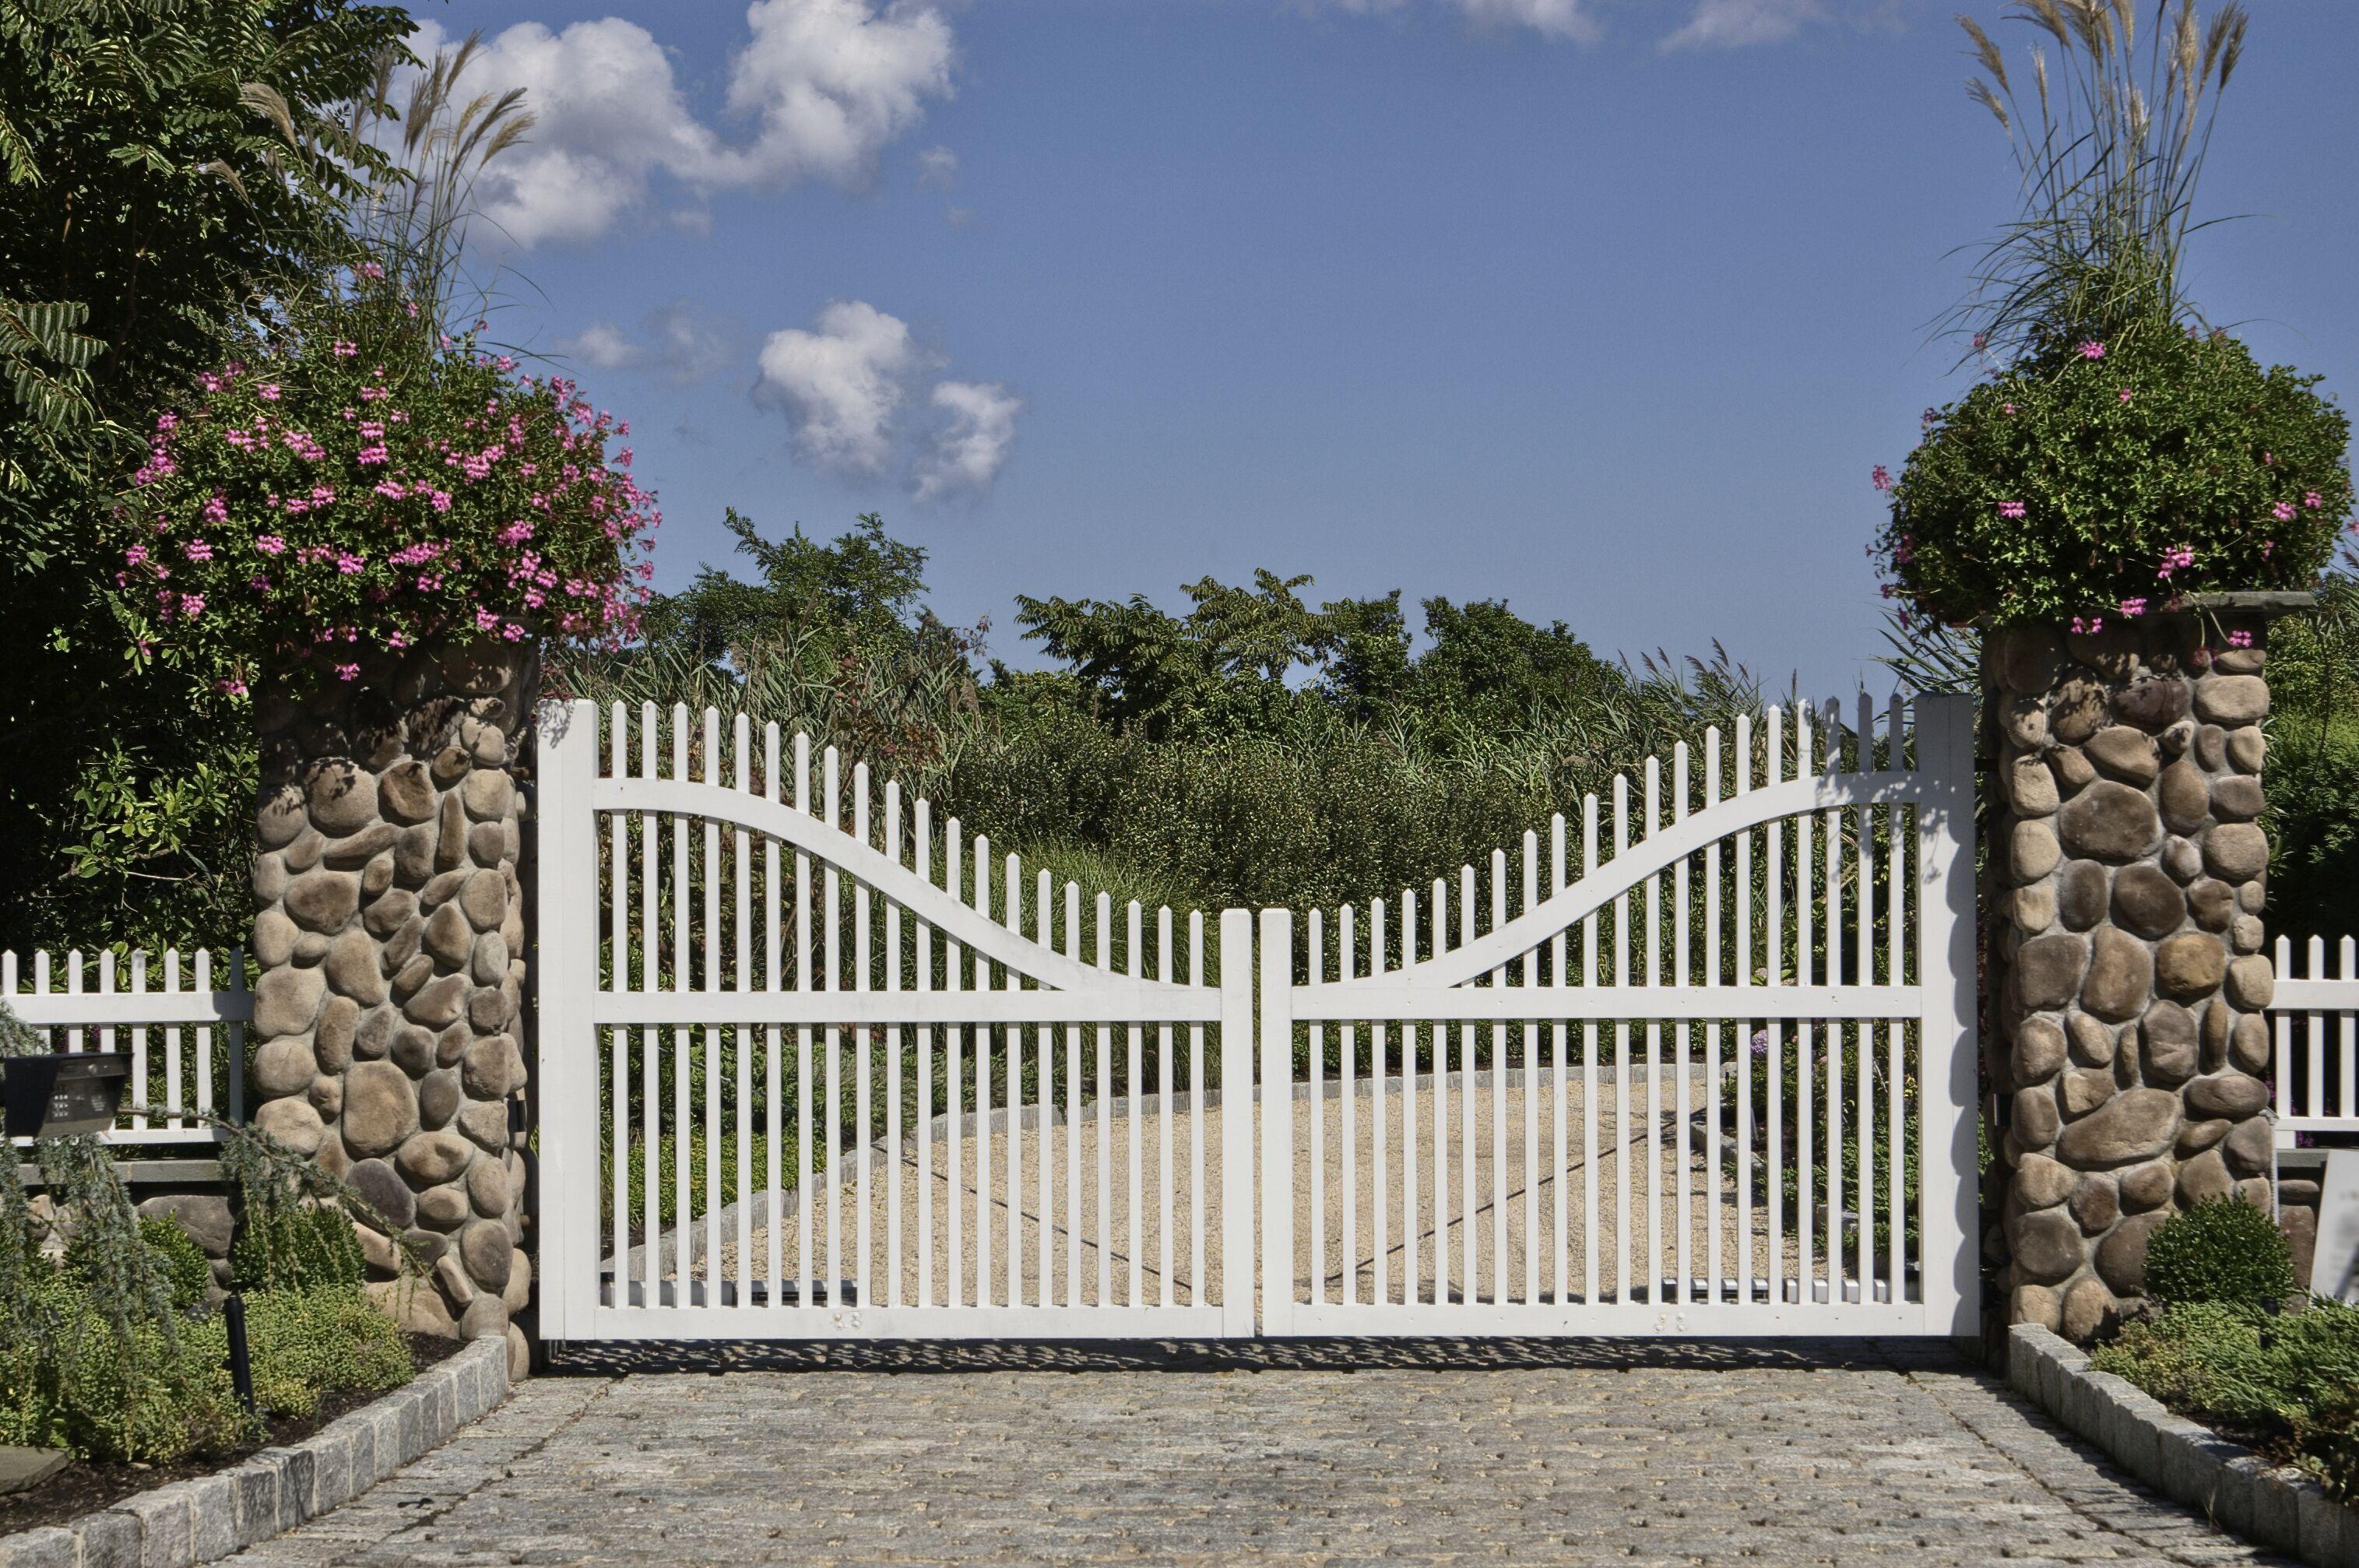 swing-gate.jpeg?mtime=20200416090828#asset:17079